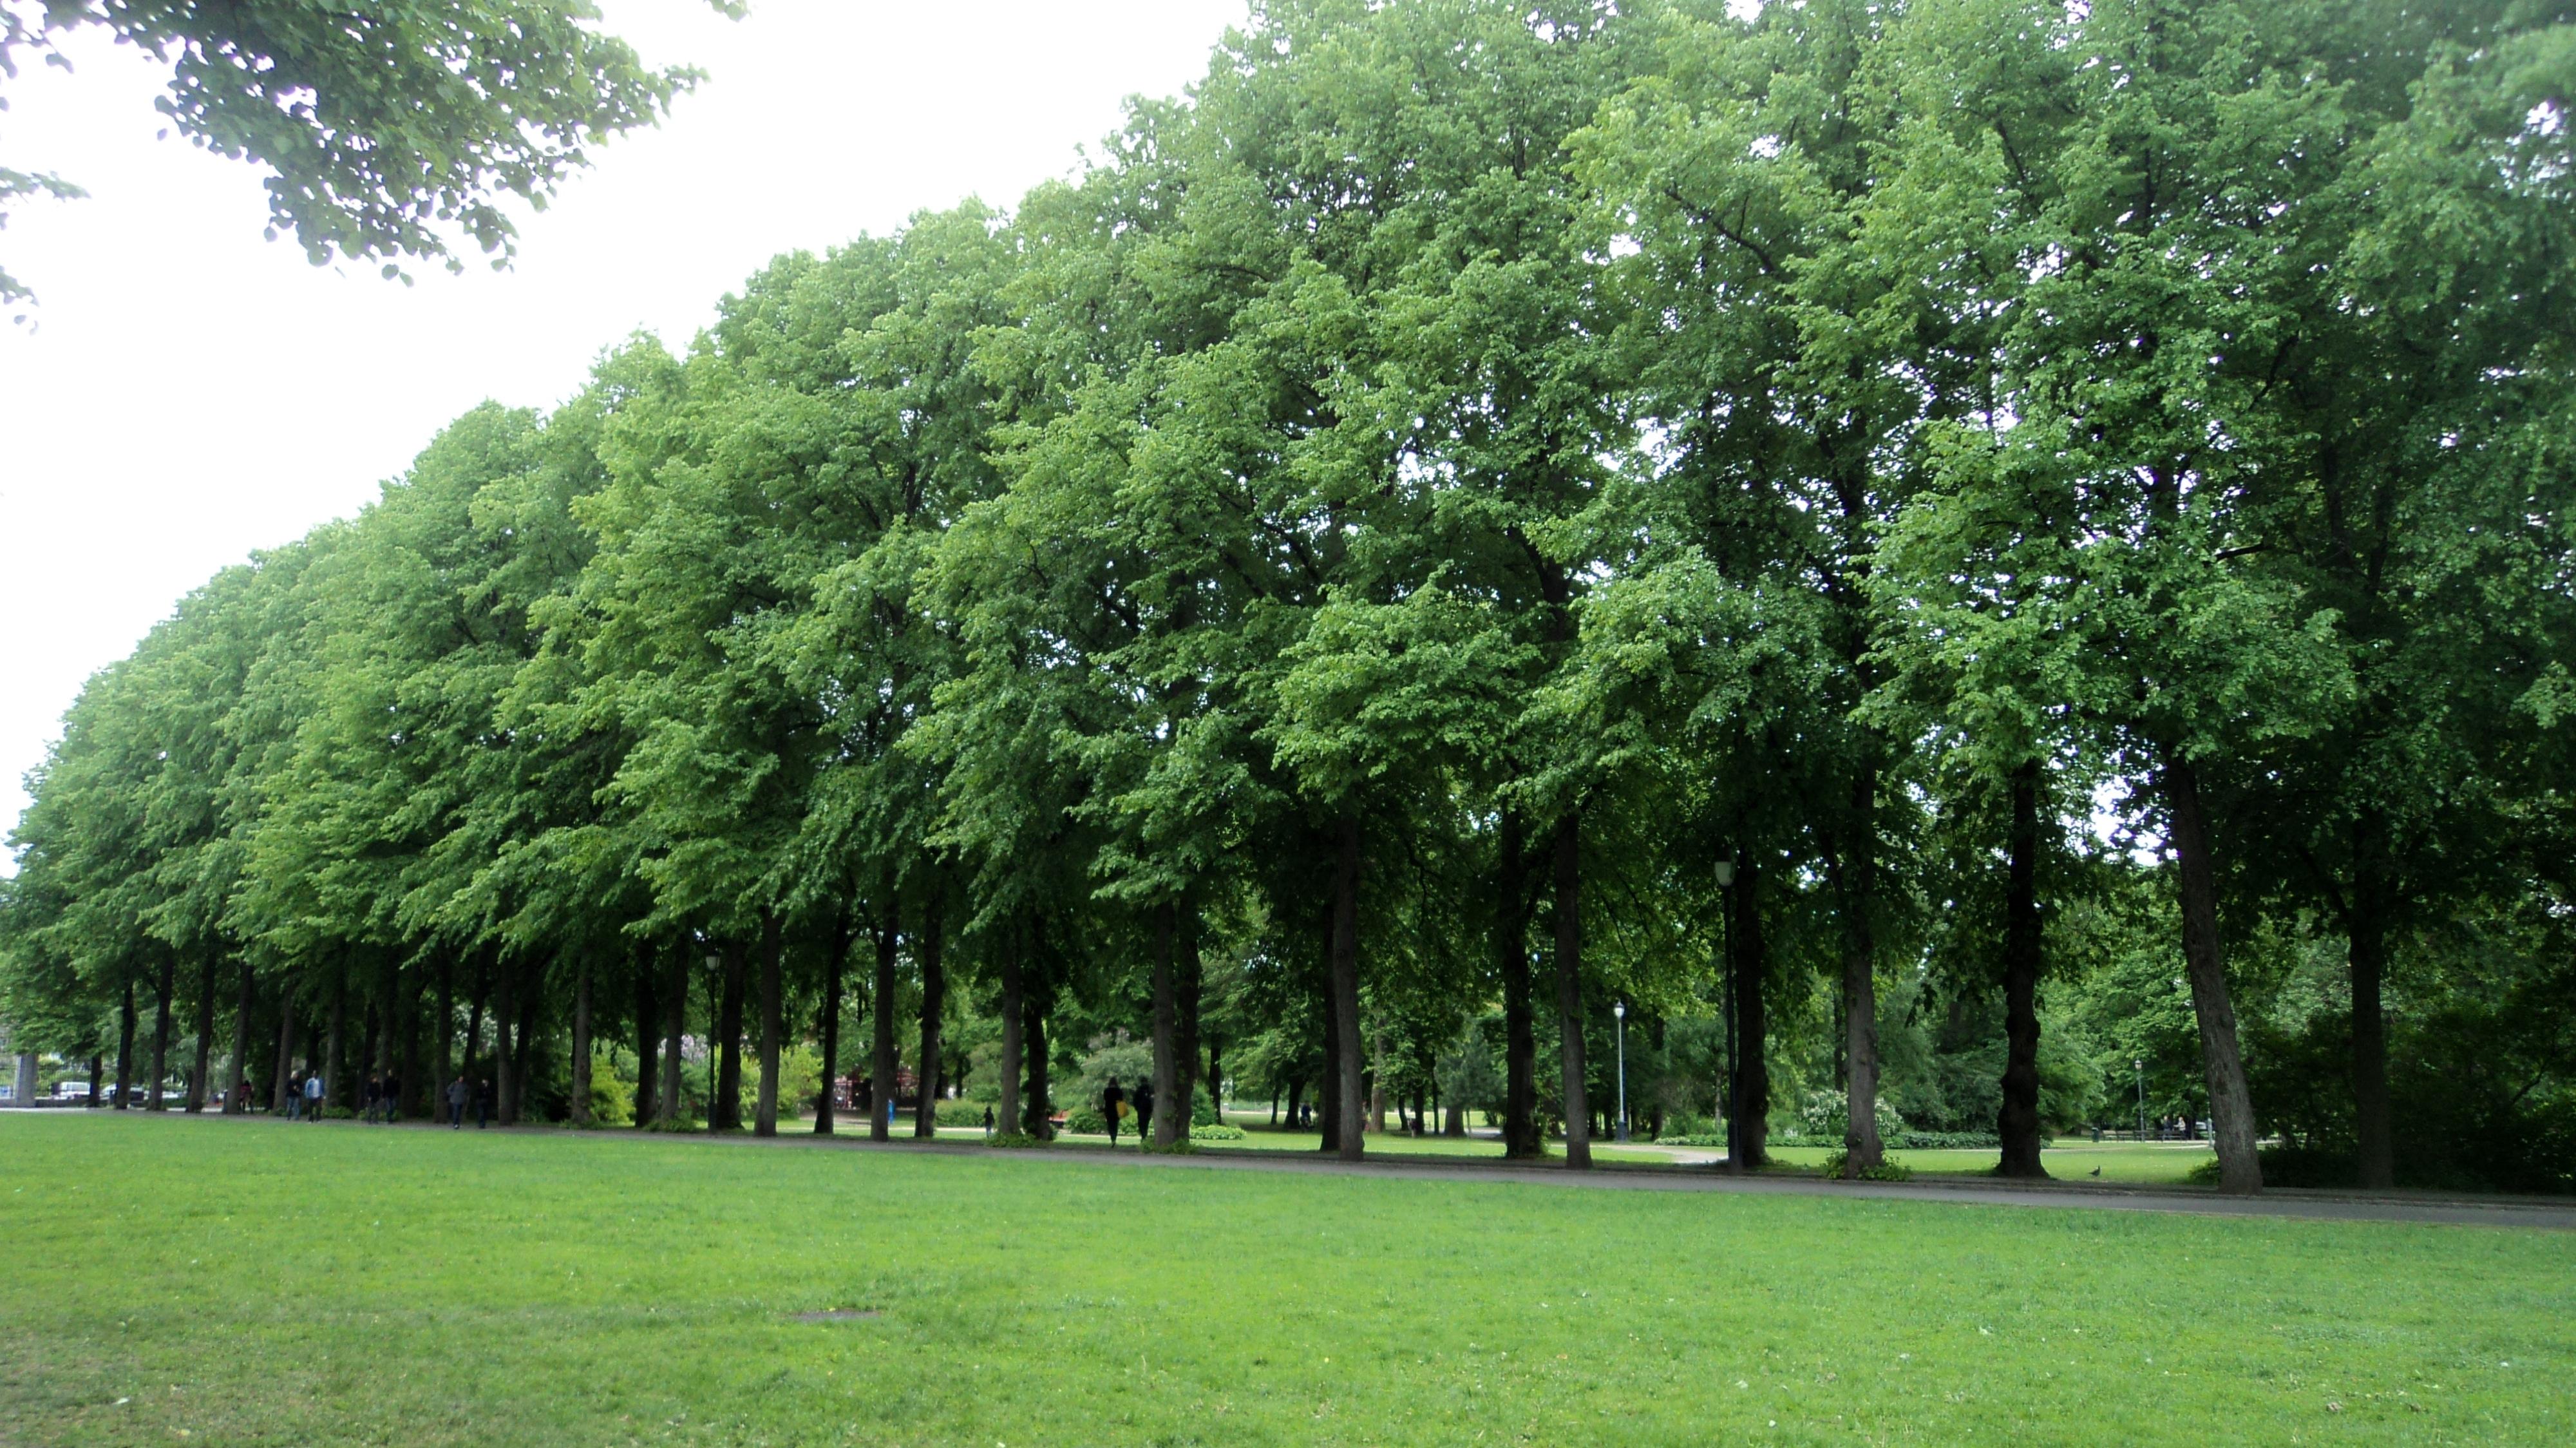 Filefrogner Park Treesjpg  Wikimedia Commons